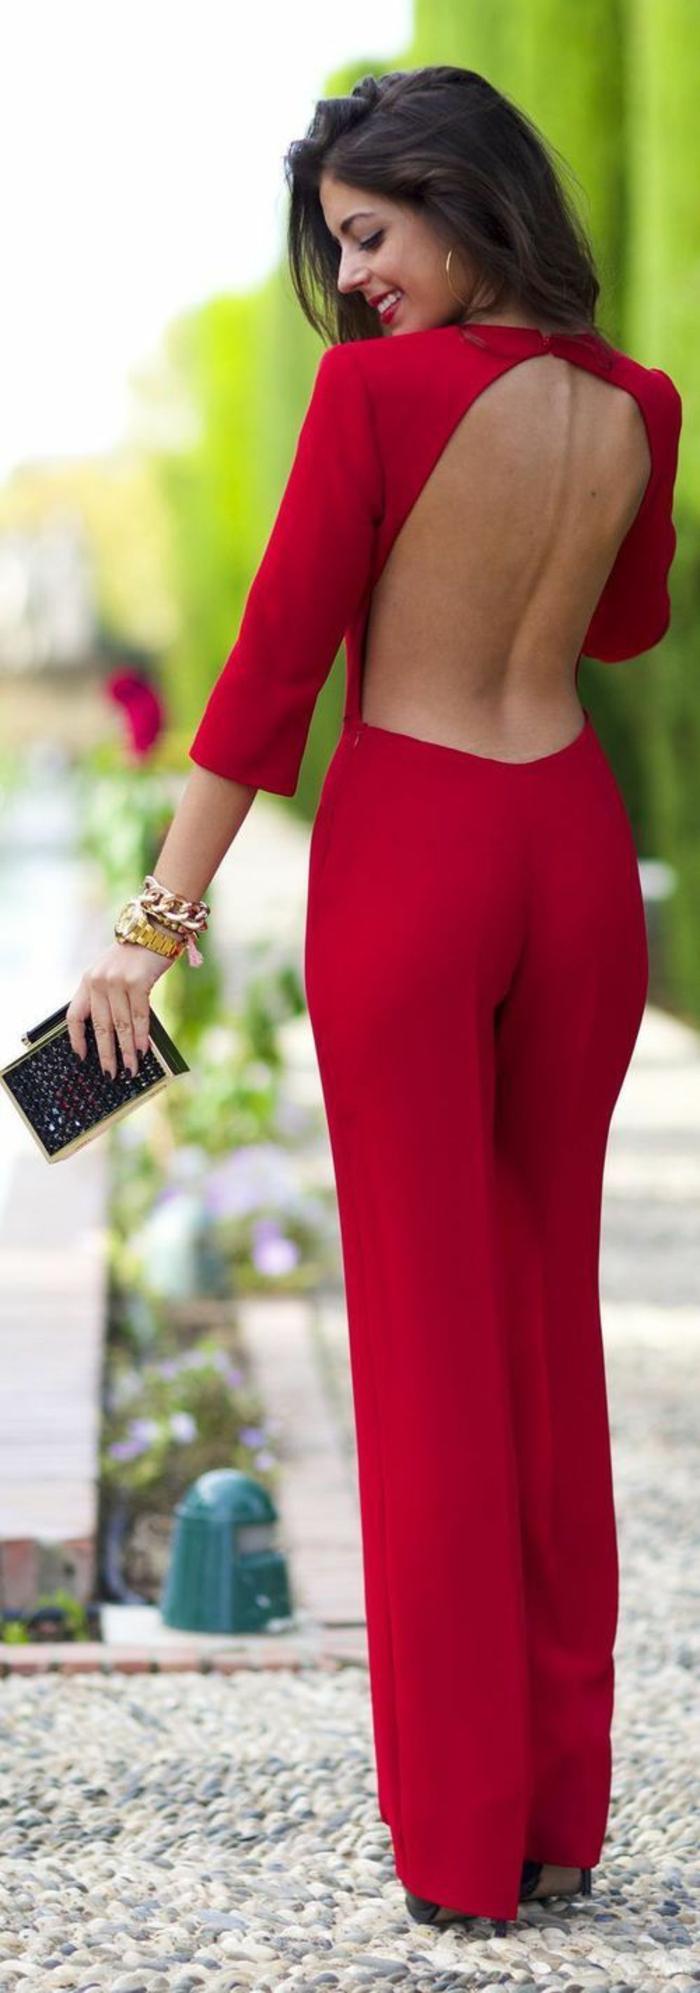 Excellente tenue de reveillon femme tenu classe femme rouge combinaison pantalon femme